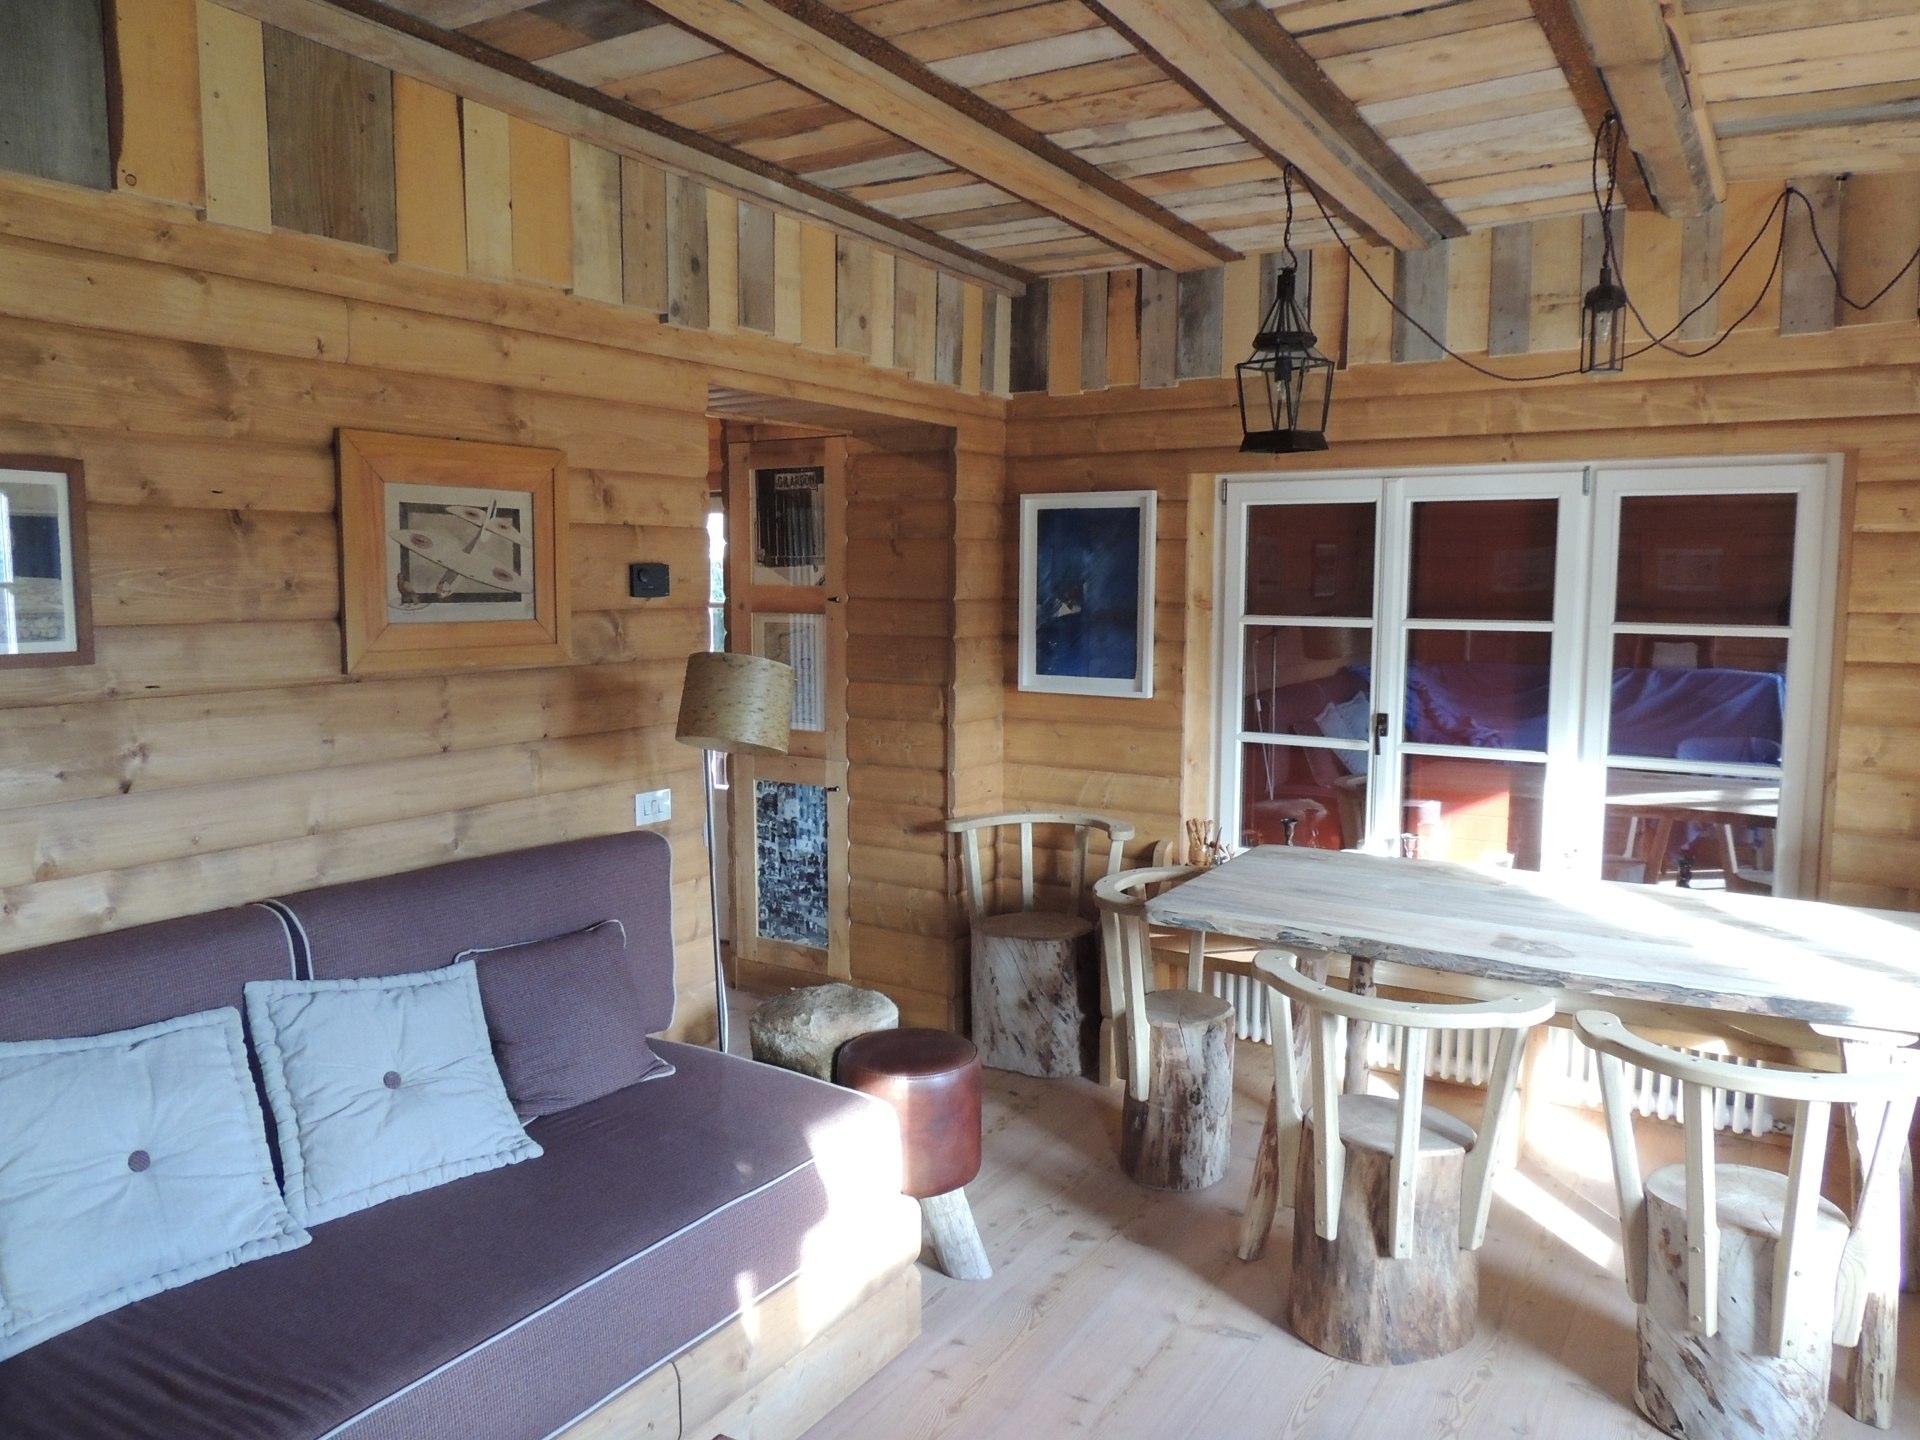 soggiorno in legno con tavole antiche_Falegnameria Bariza